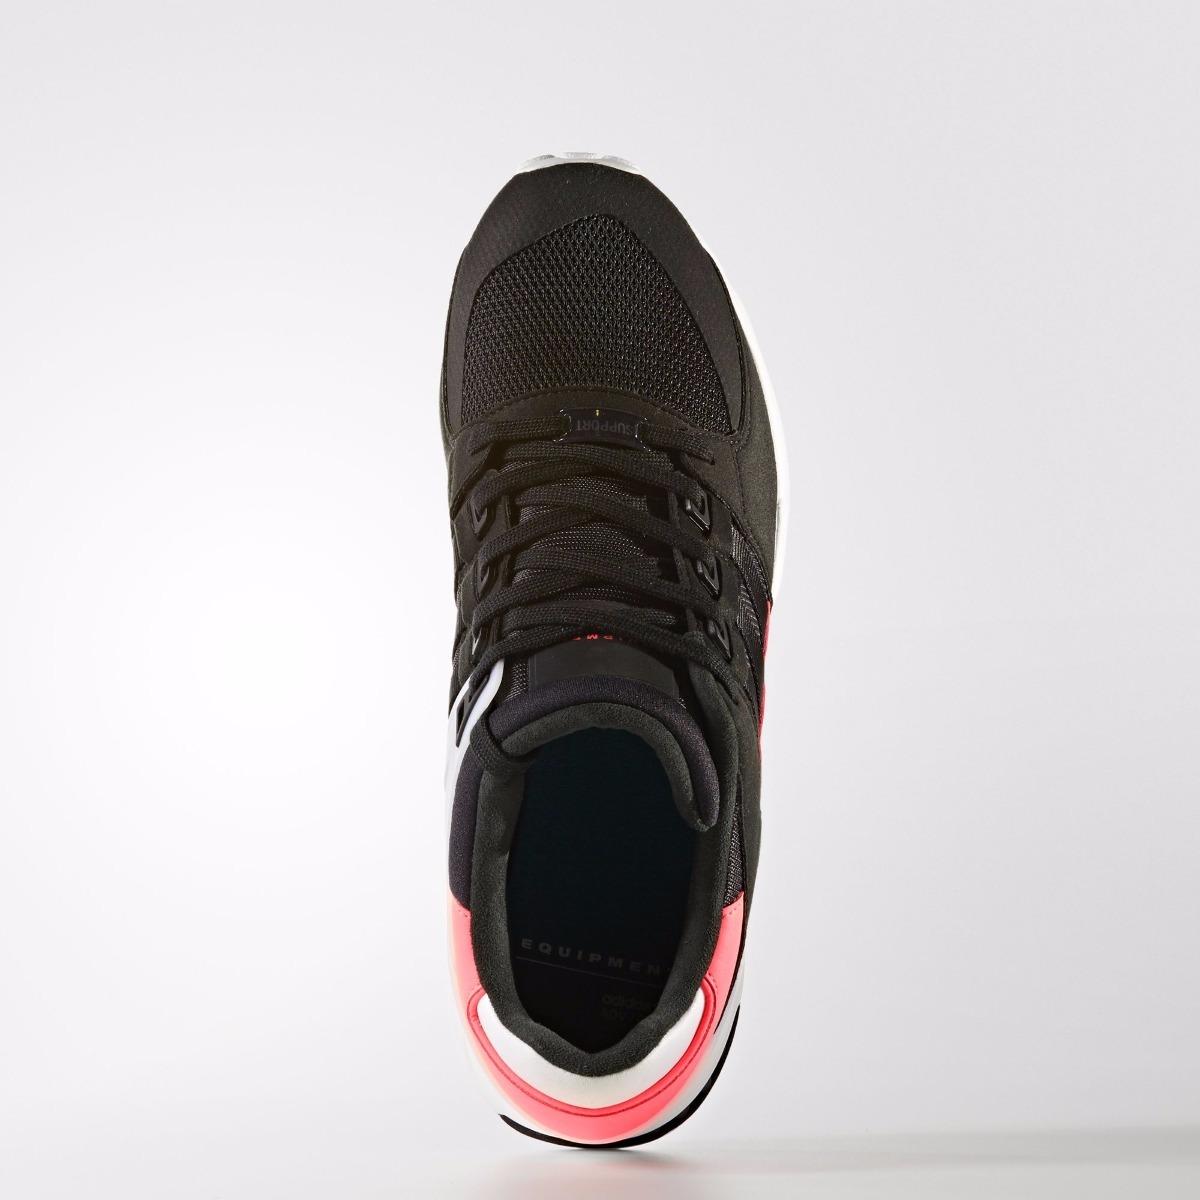 sports shoes 340b4 2af55 ... usa 66f30 0fa59 adidas eqt support rf originales importadas la plata. cargando  zoom. new